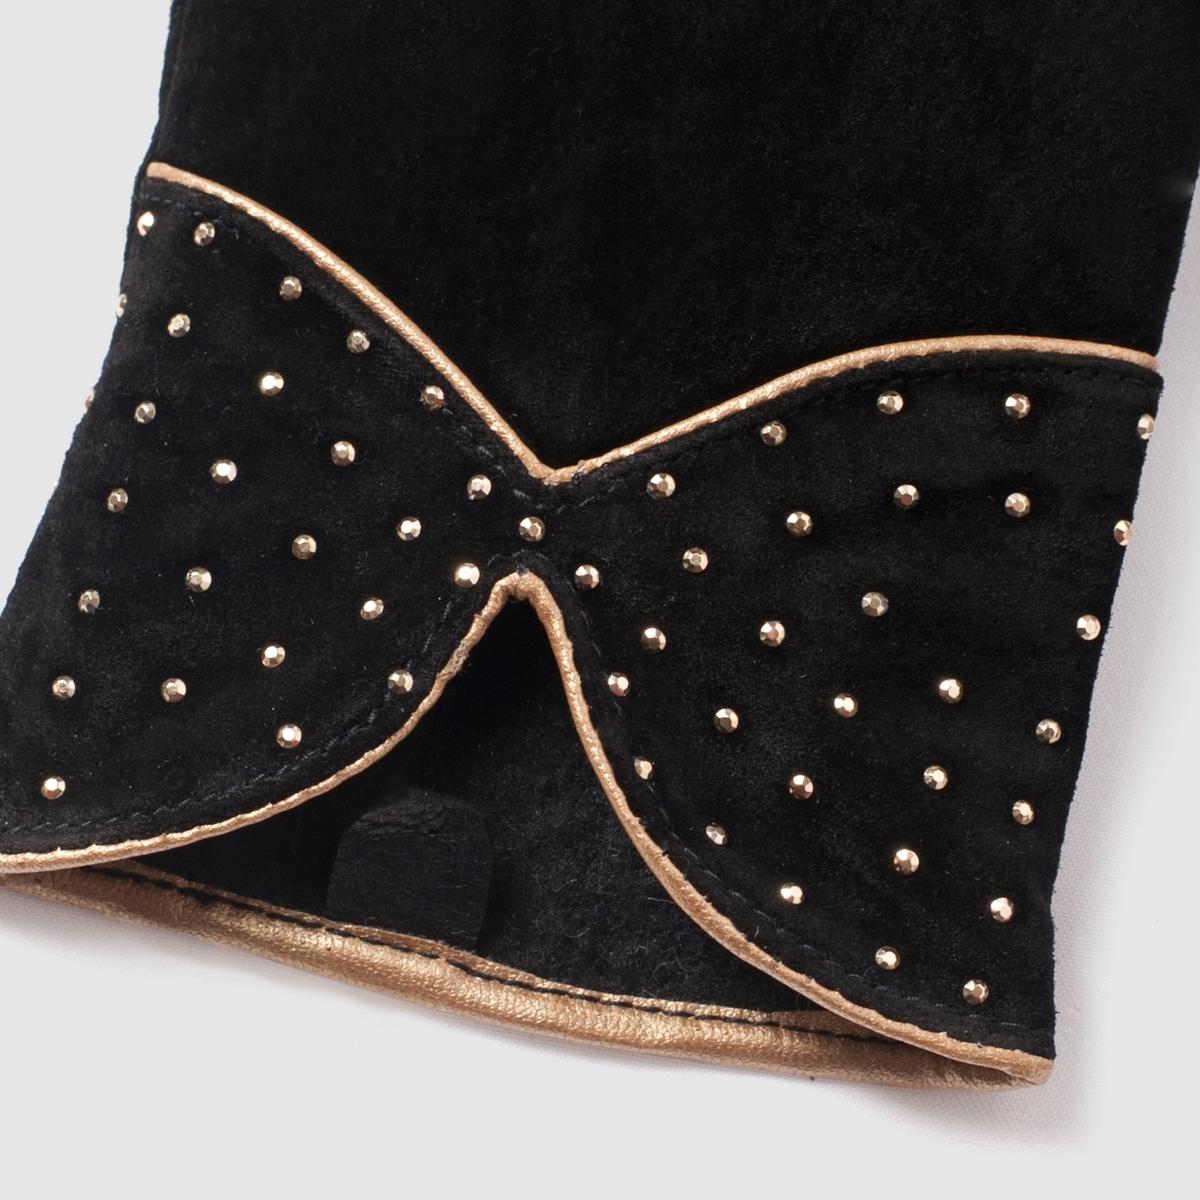 Перчатки кожаныеПерчатки из яловичной кожи. Подкладка из текстиля, 100% полиэстера. Низ украшен маленькими золотистыми заклепками в виде маленького оригинального банта.<br><br>Цвет: черный